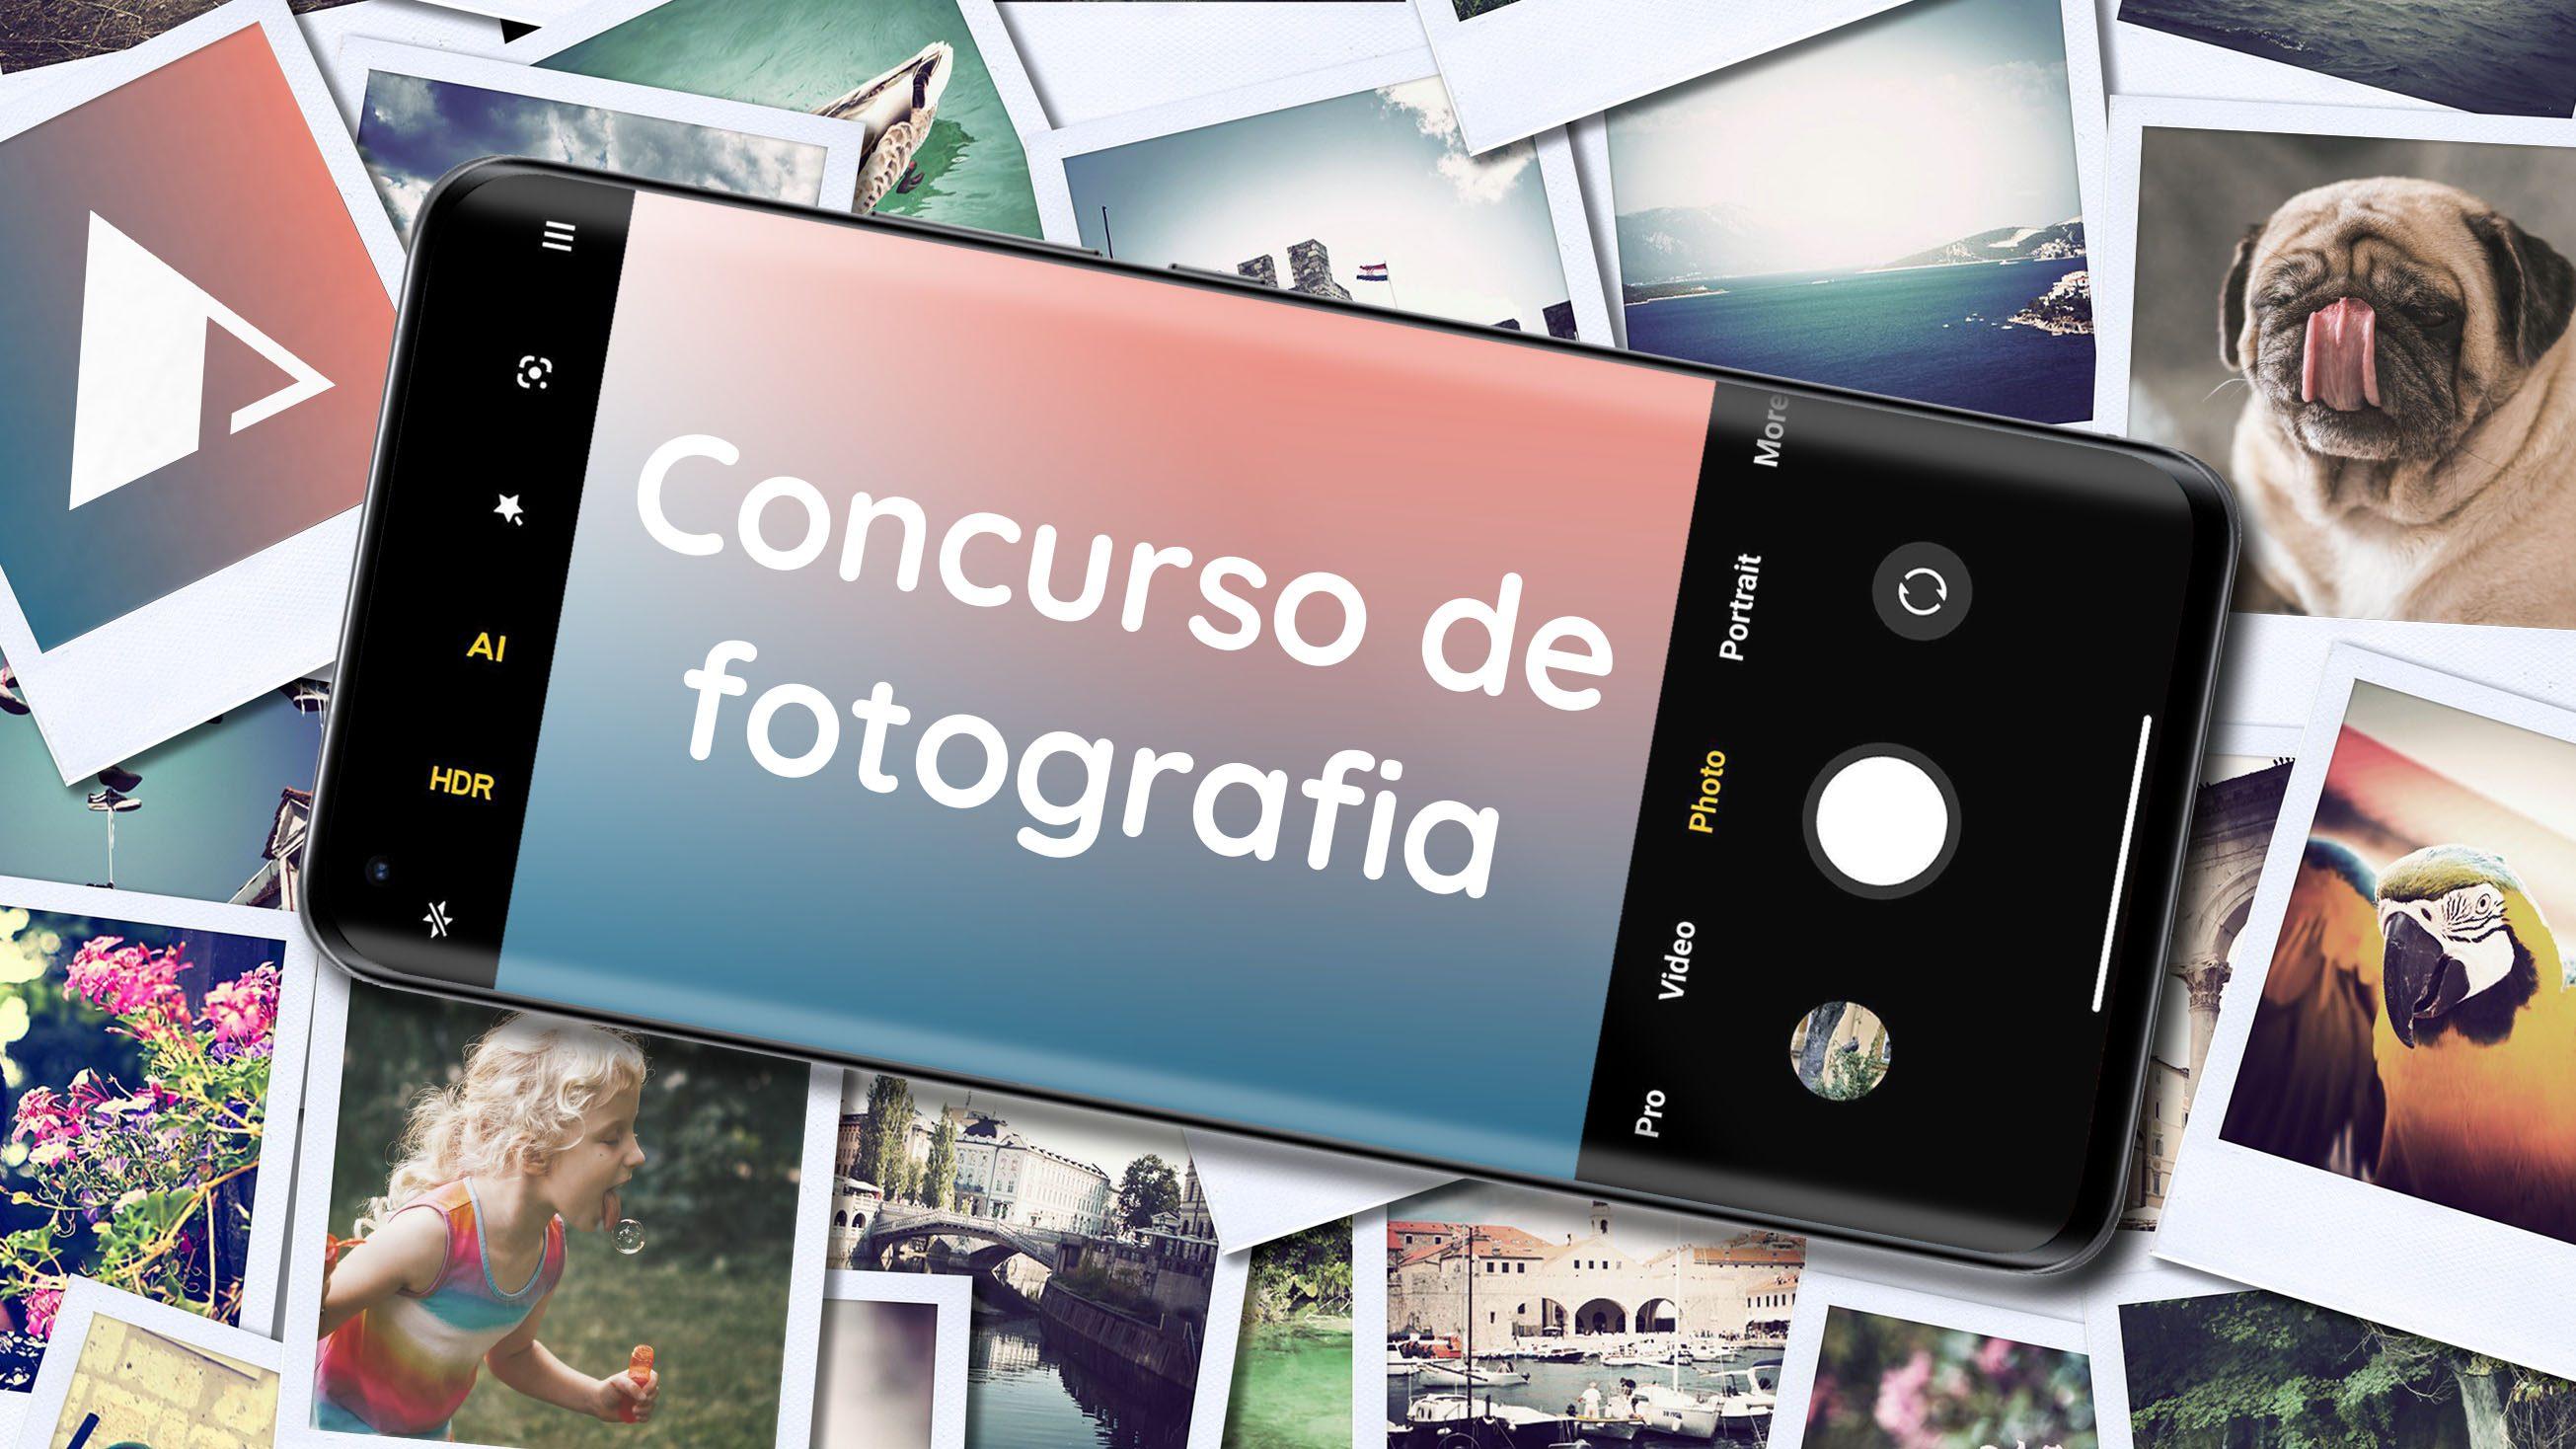 Concurso de fotografia NextPit: envie a sua melhor foto do mês. Participe!